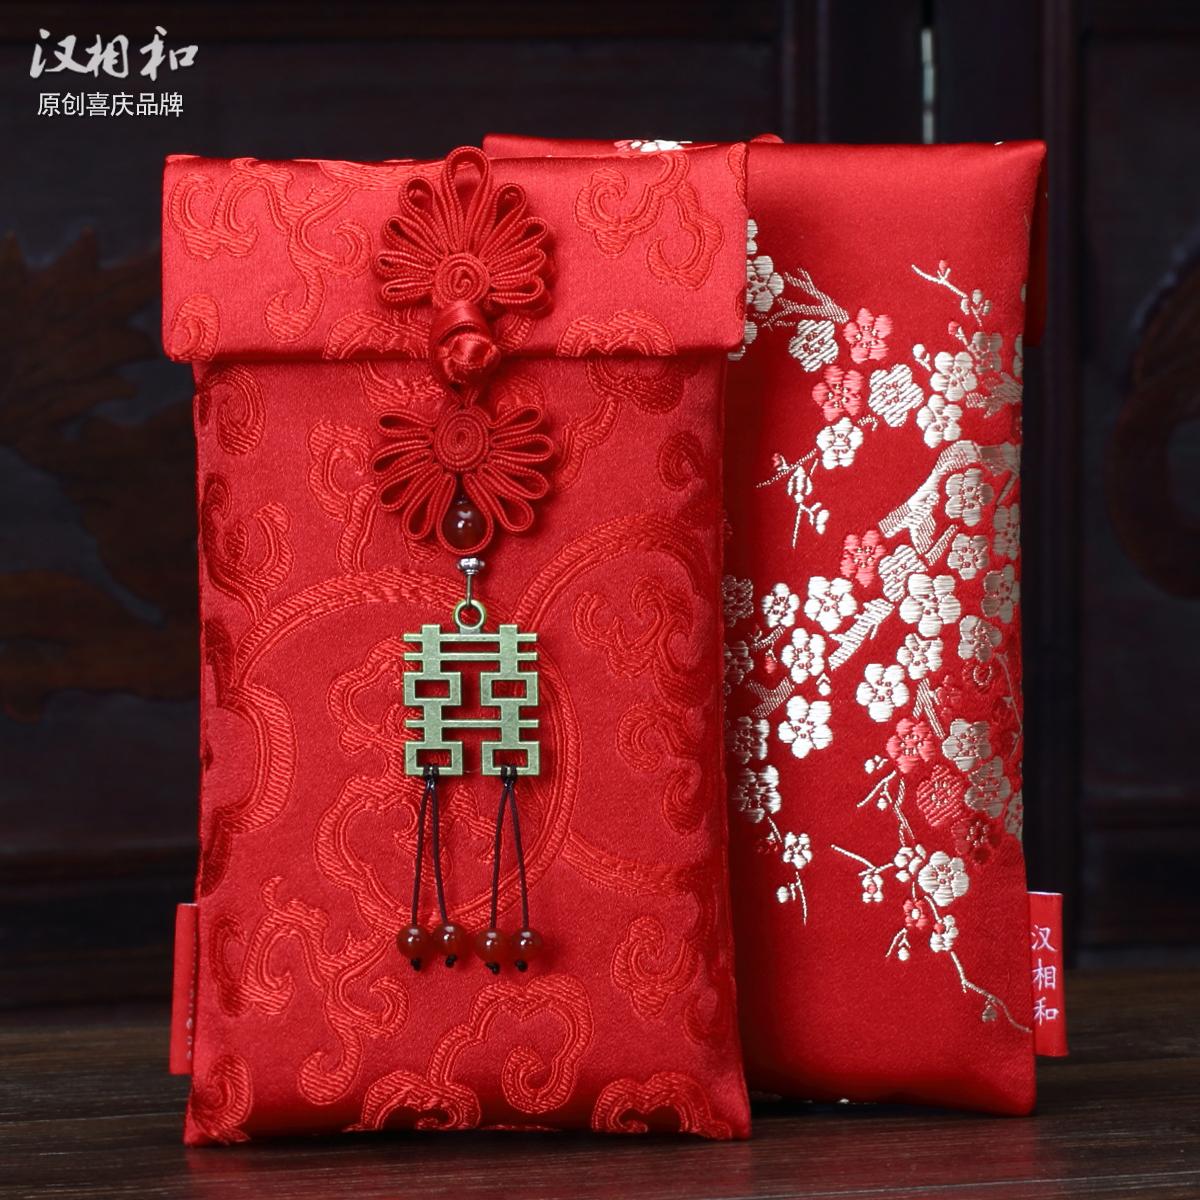 红包袋万元中国风布红包结婚创意千元利是封改新年压岁包满月结婚